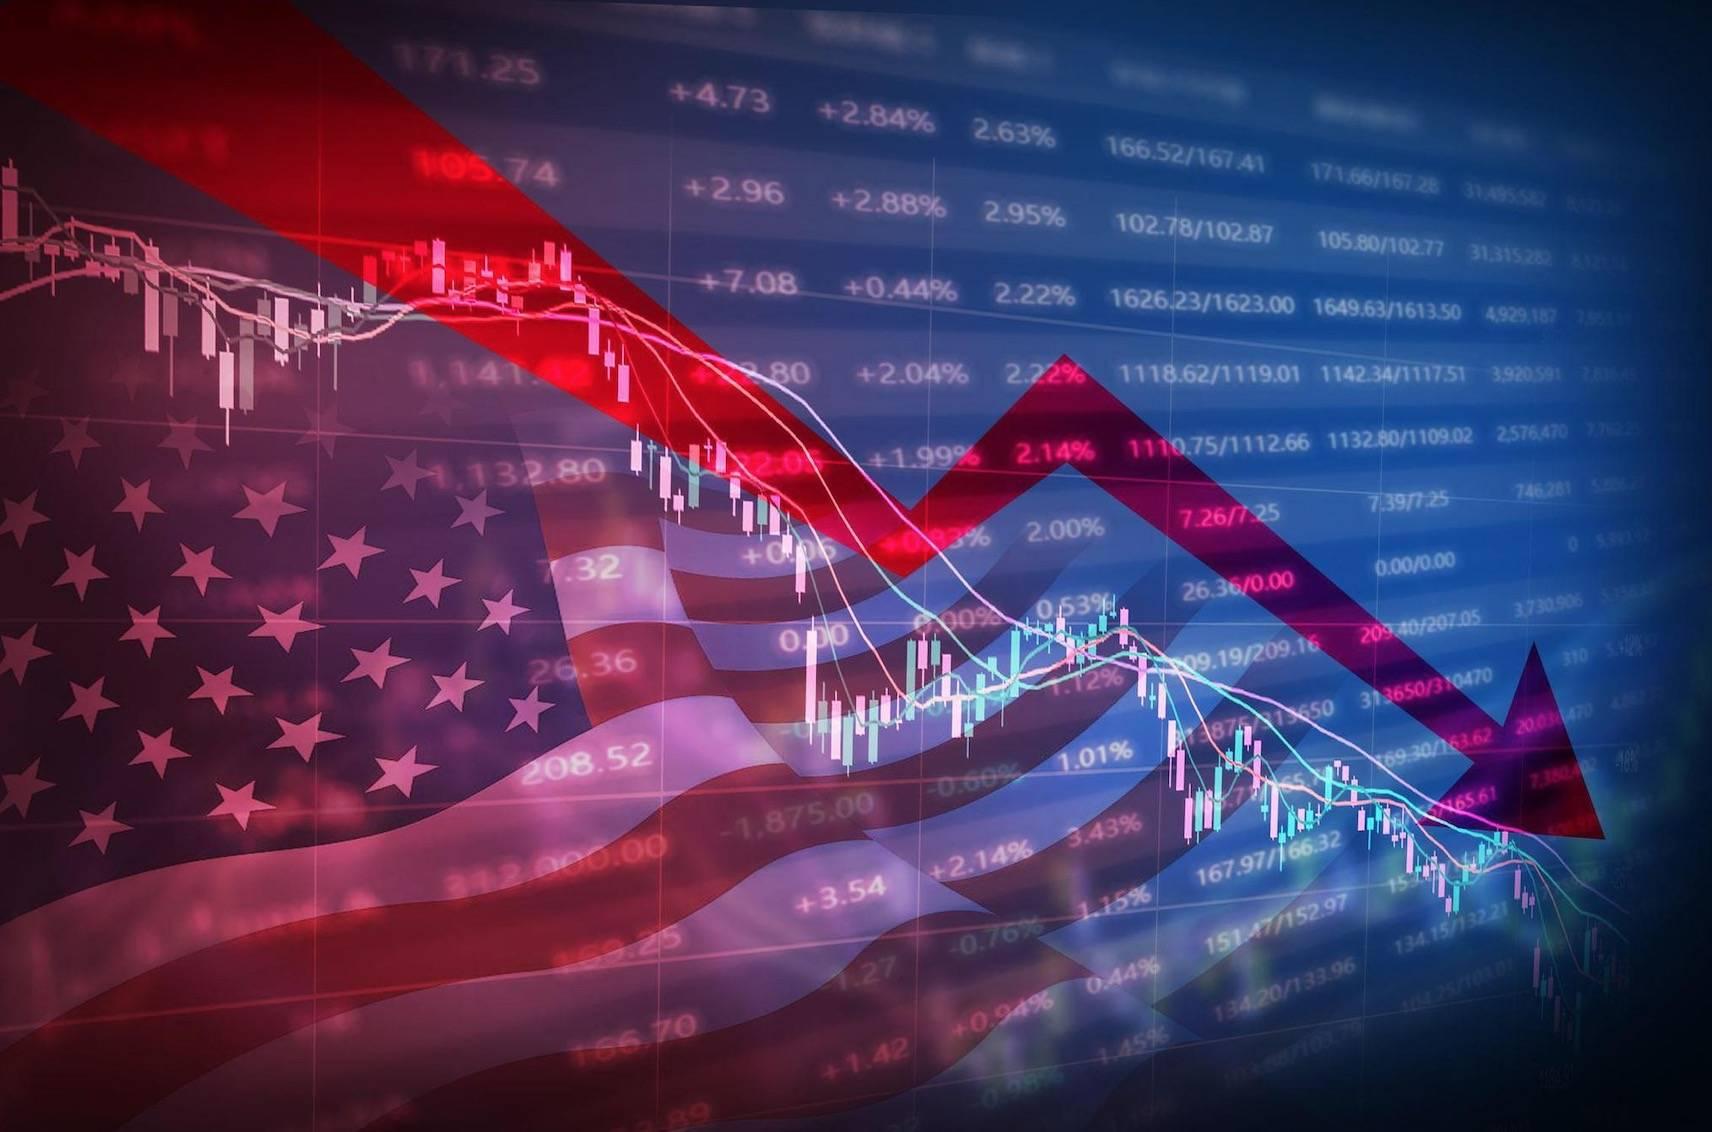 李麒麟:在一篇文章中阅读财务数据